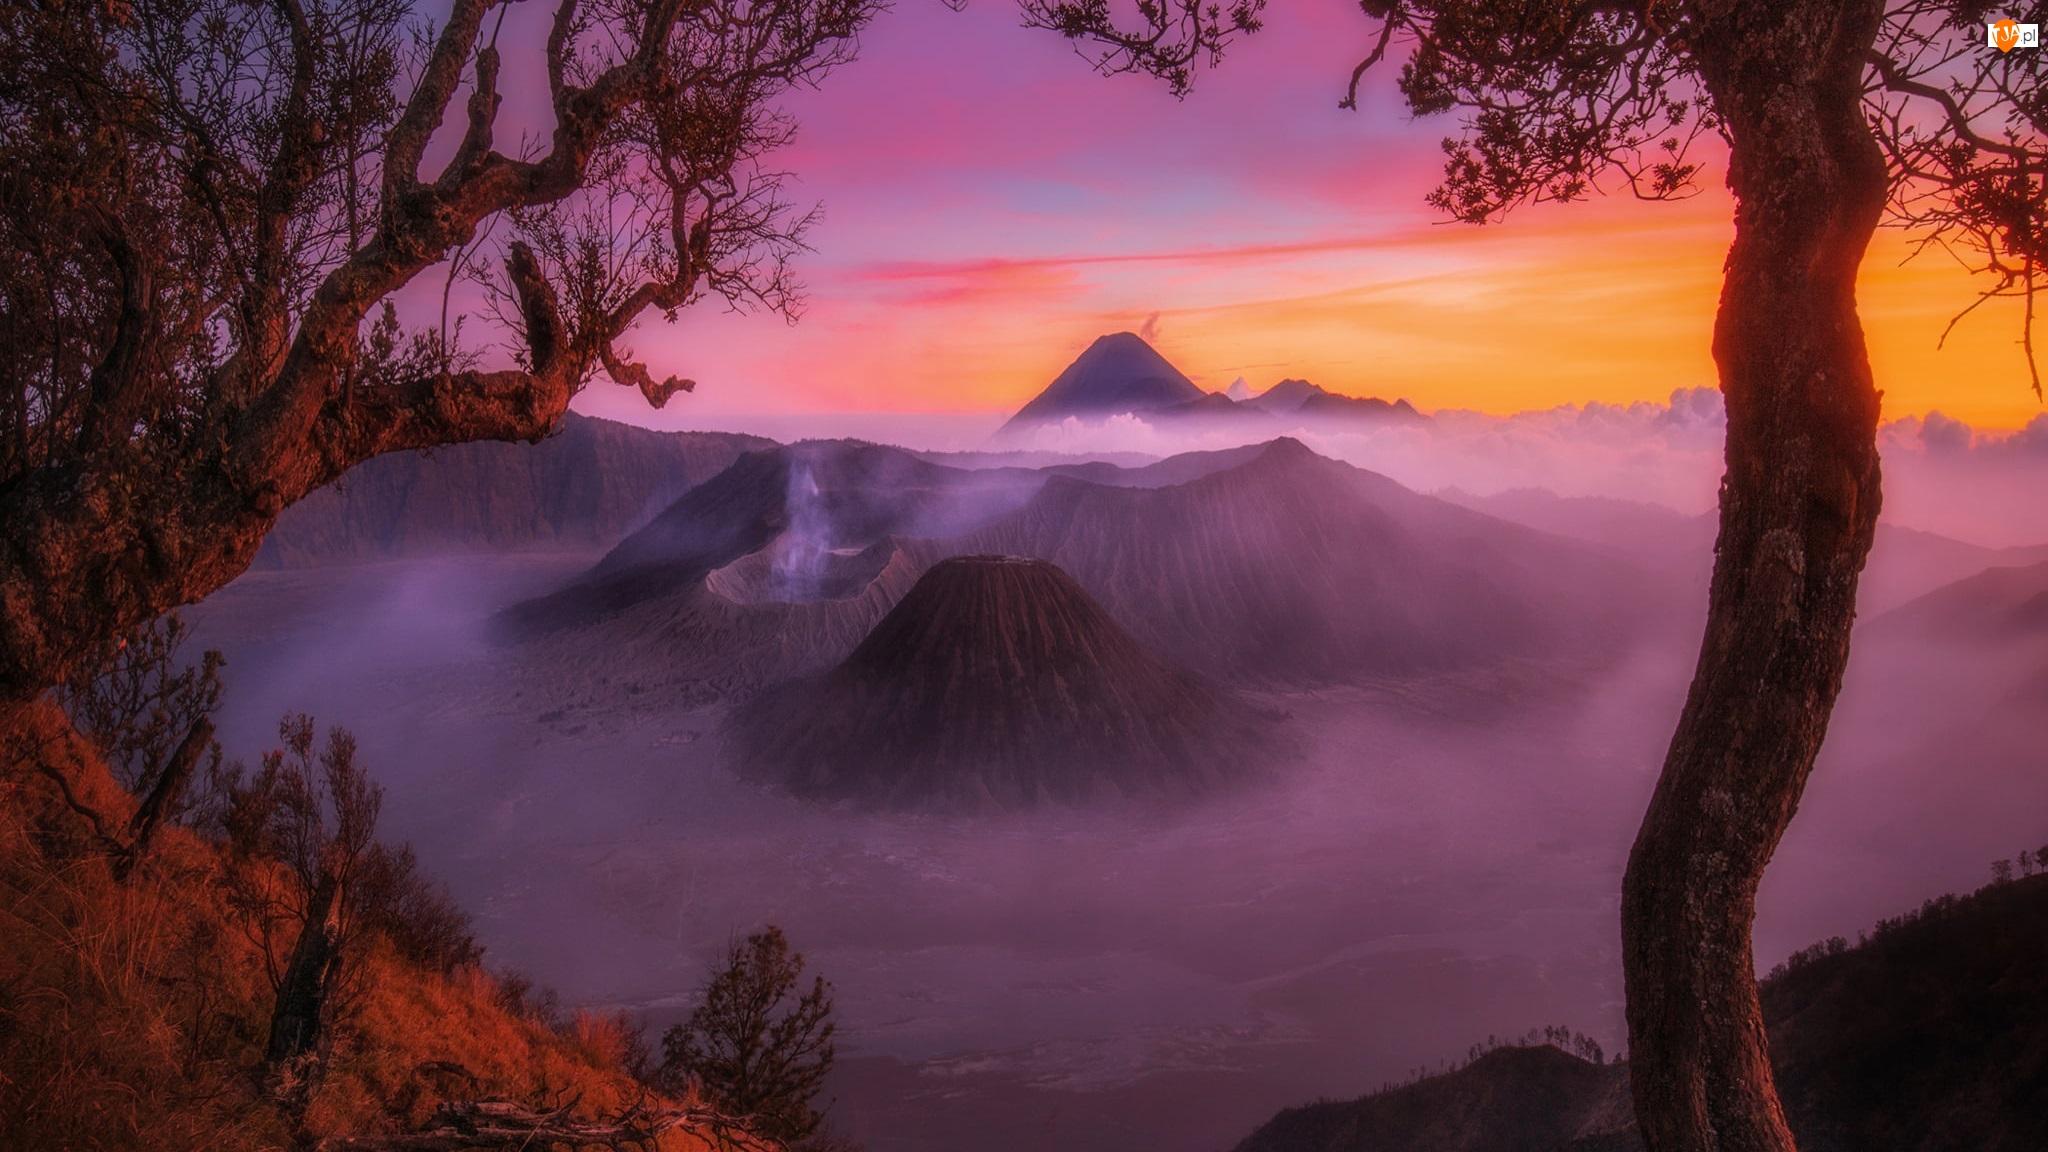 Wulkany, Góry, Wyspa Jawa, Zachód słońca, Mount Bromo, Indonezja